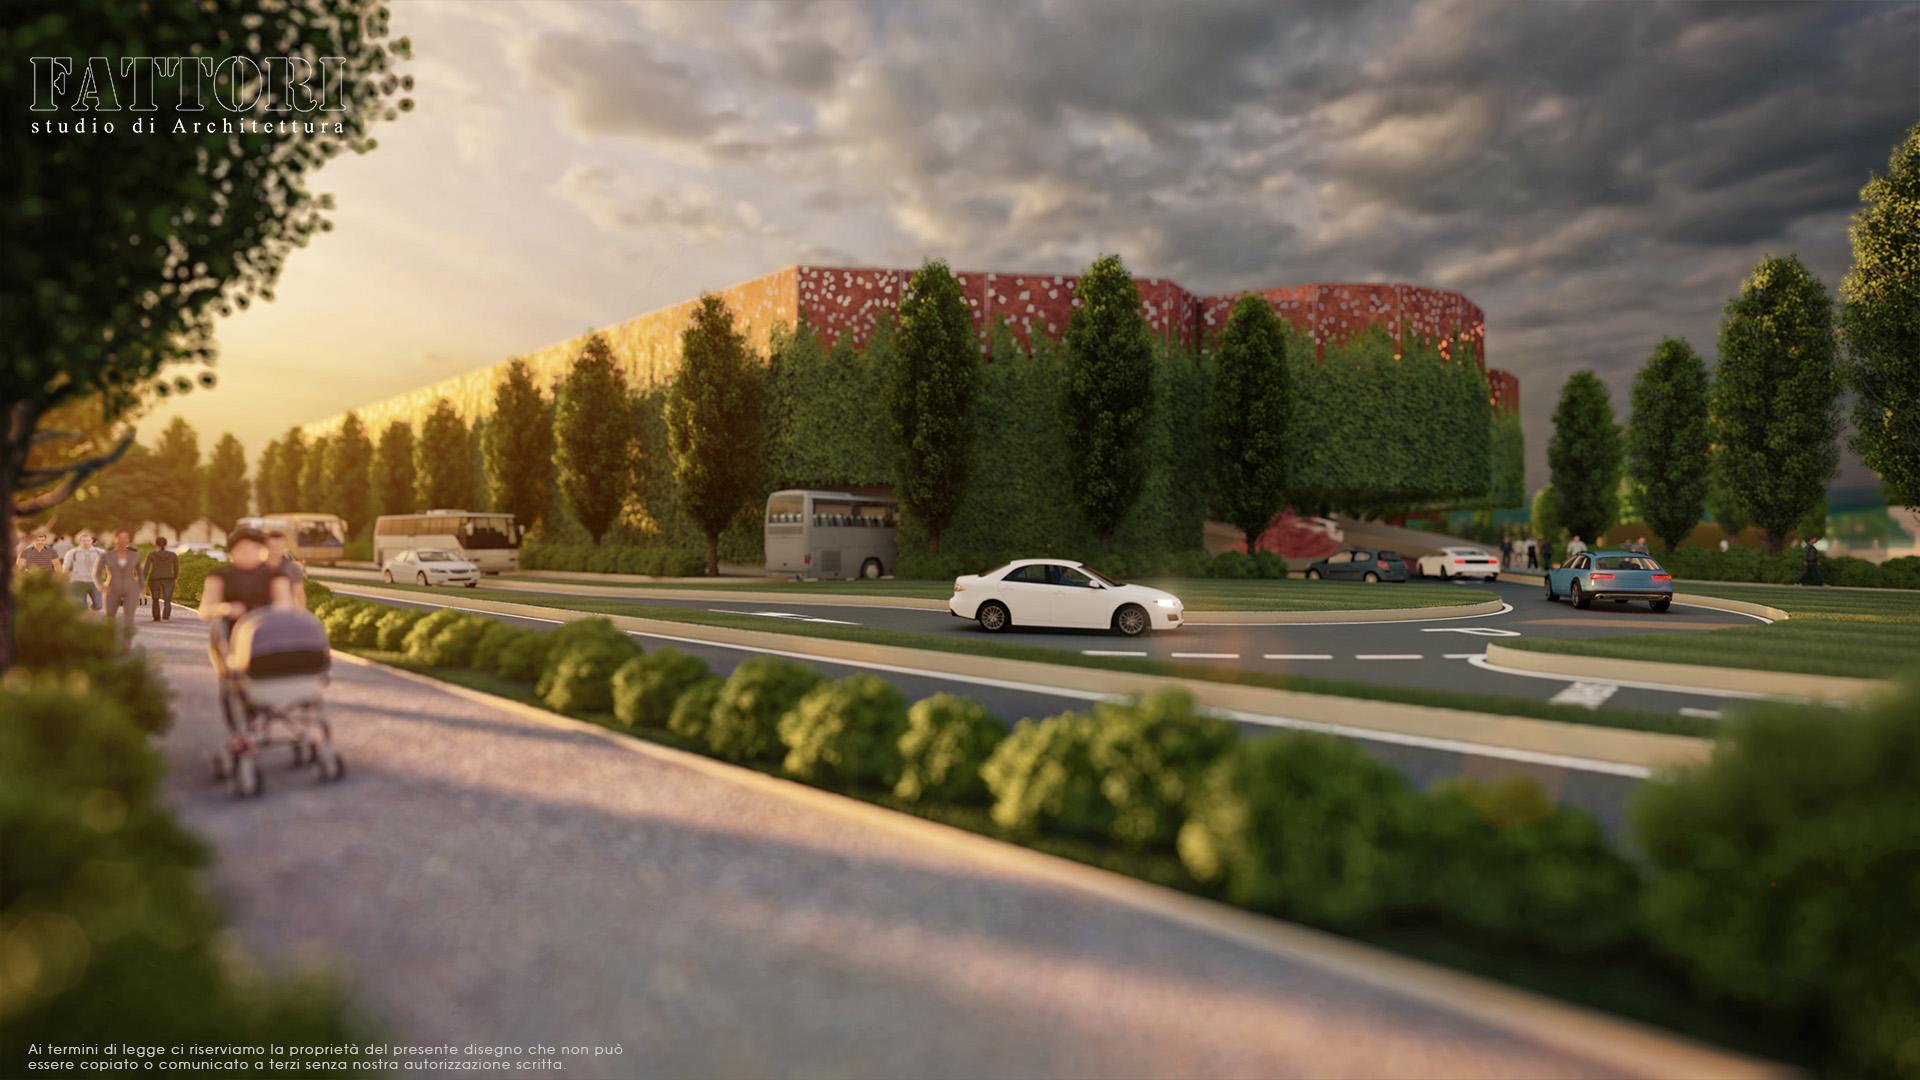 Studio di Architettura Fattori Fausto - Parcheggio Sirmione Multipiano Progetto 3